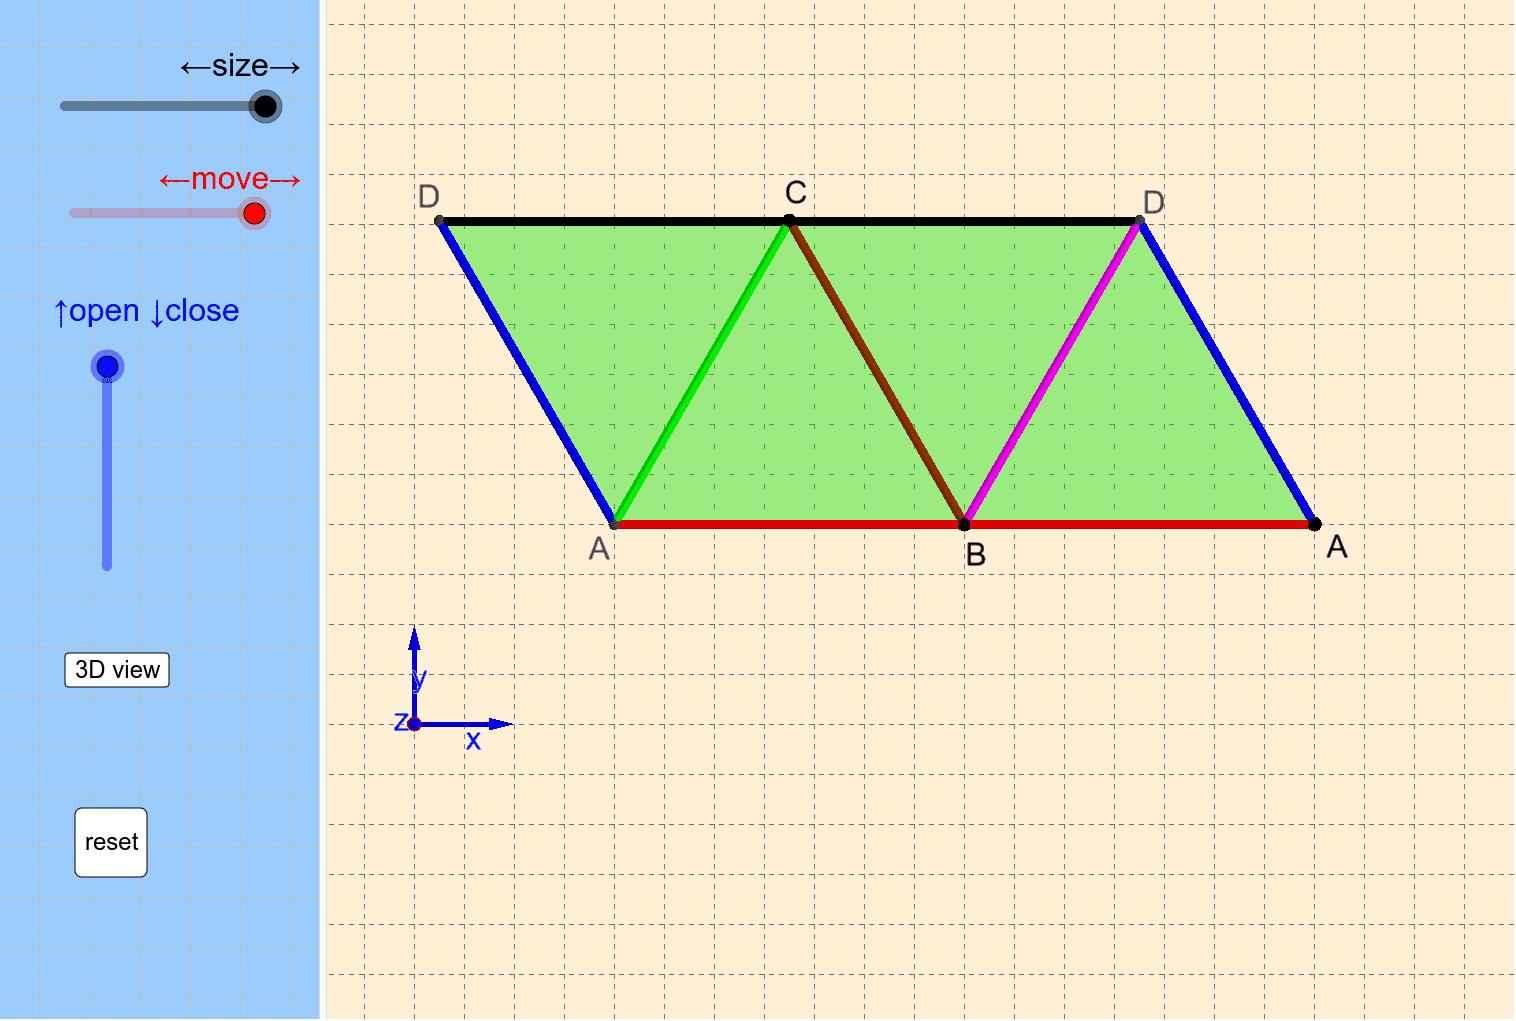 まずは,[↓ close]をドラッグ→[3D view] ※ 右下のアイコンをクリックして画面を最適化してください。 ワークシートを始めるにはEnter キーを押してください。